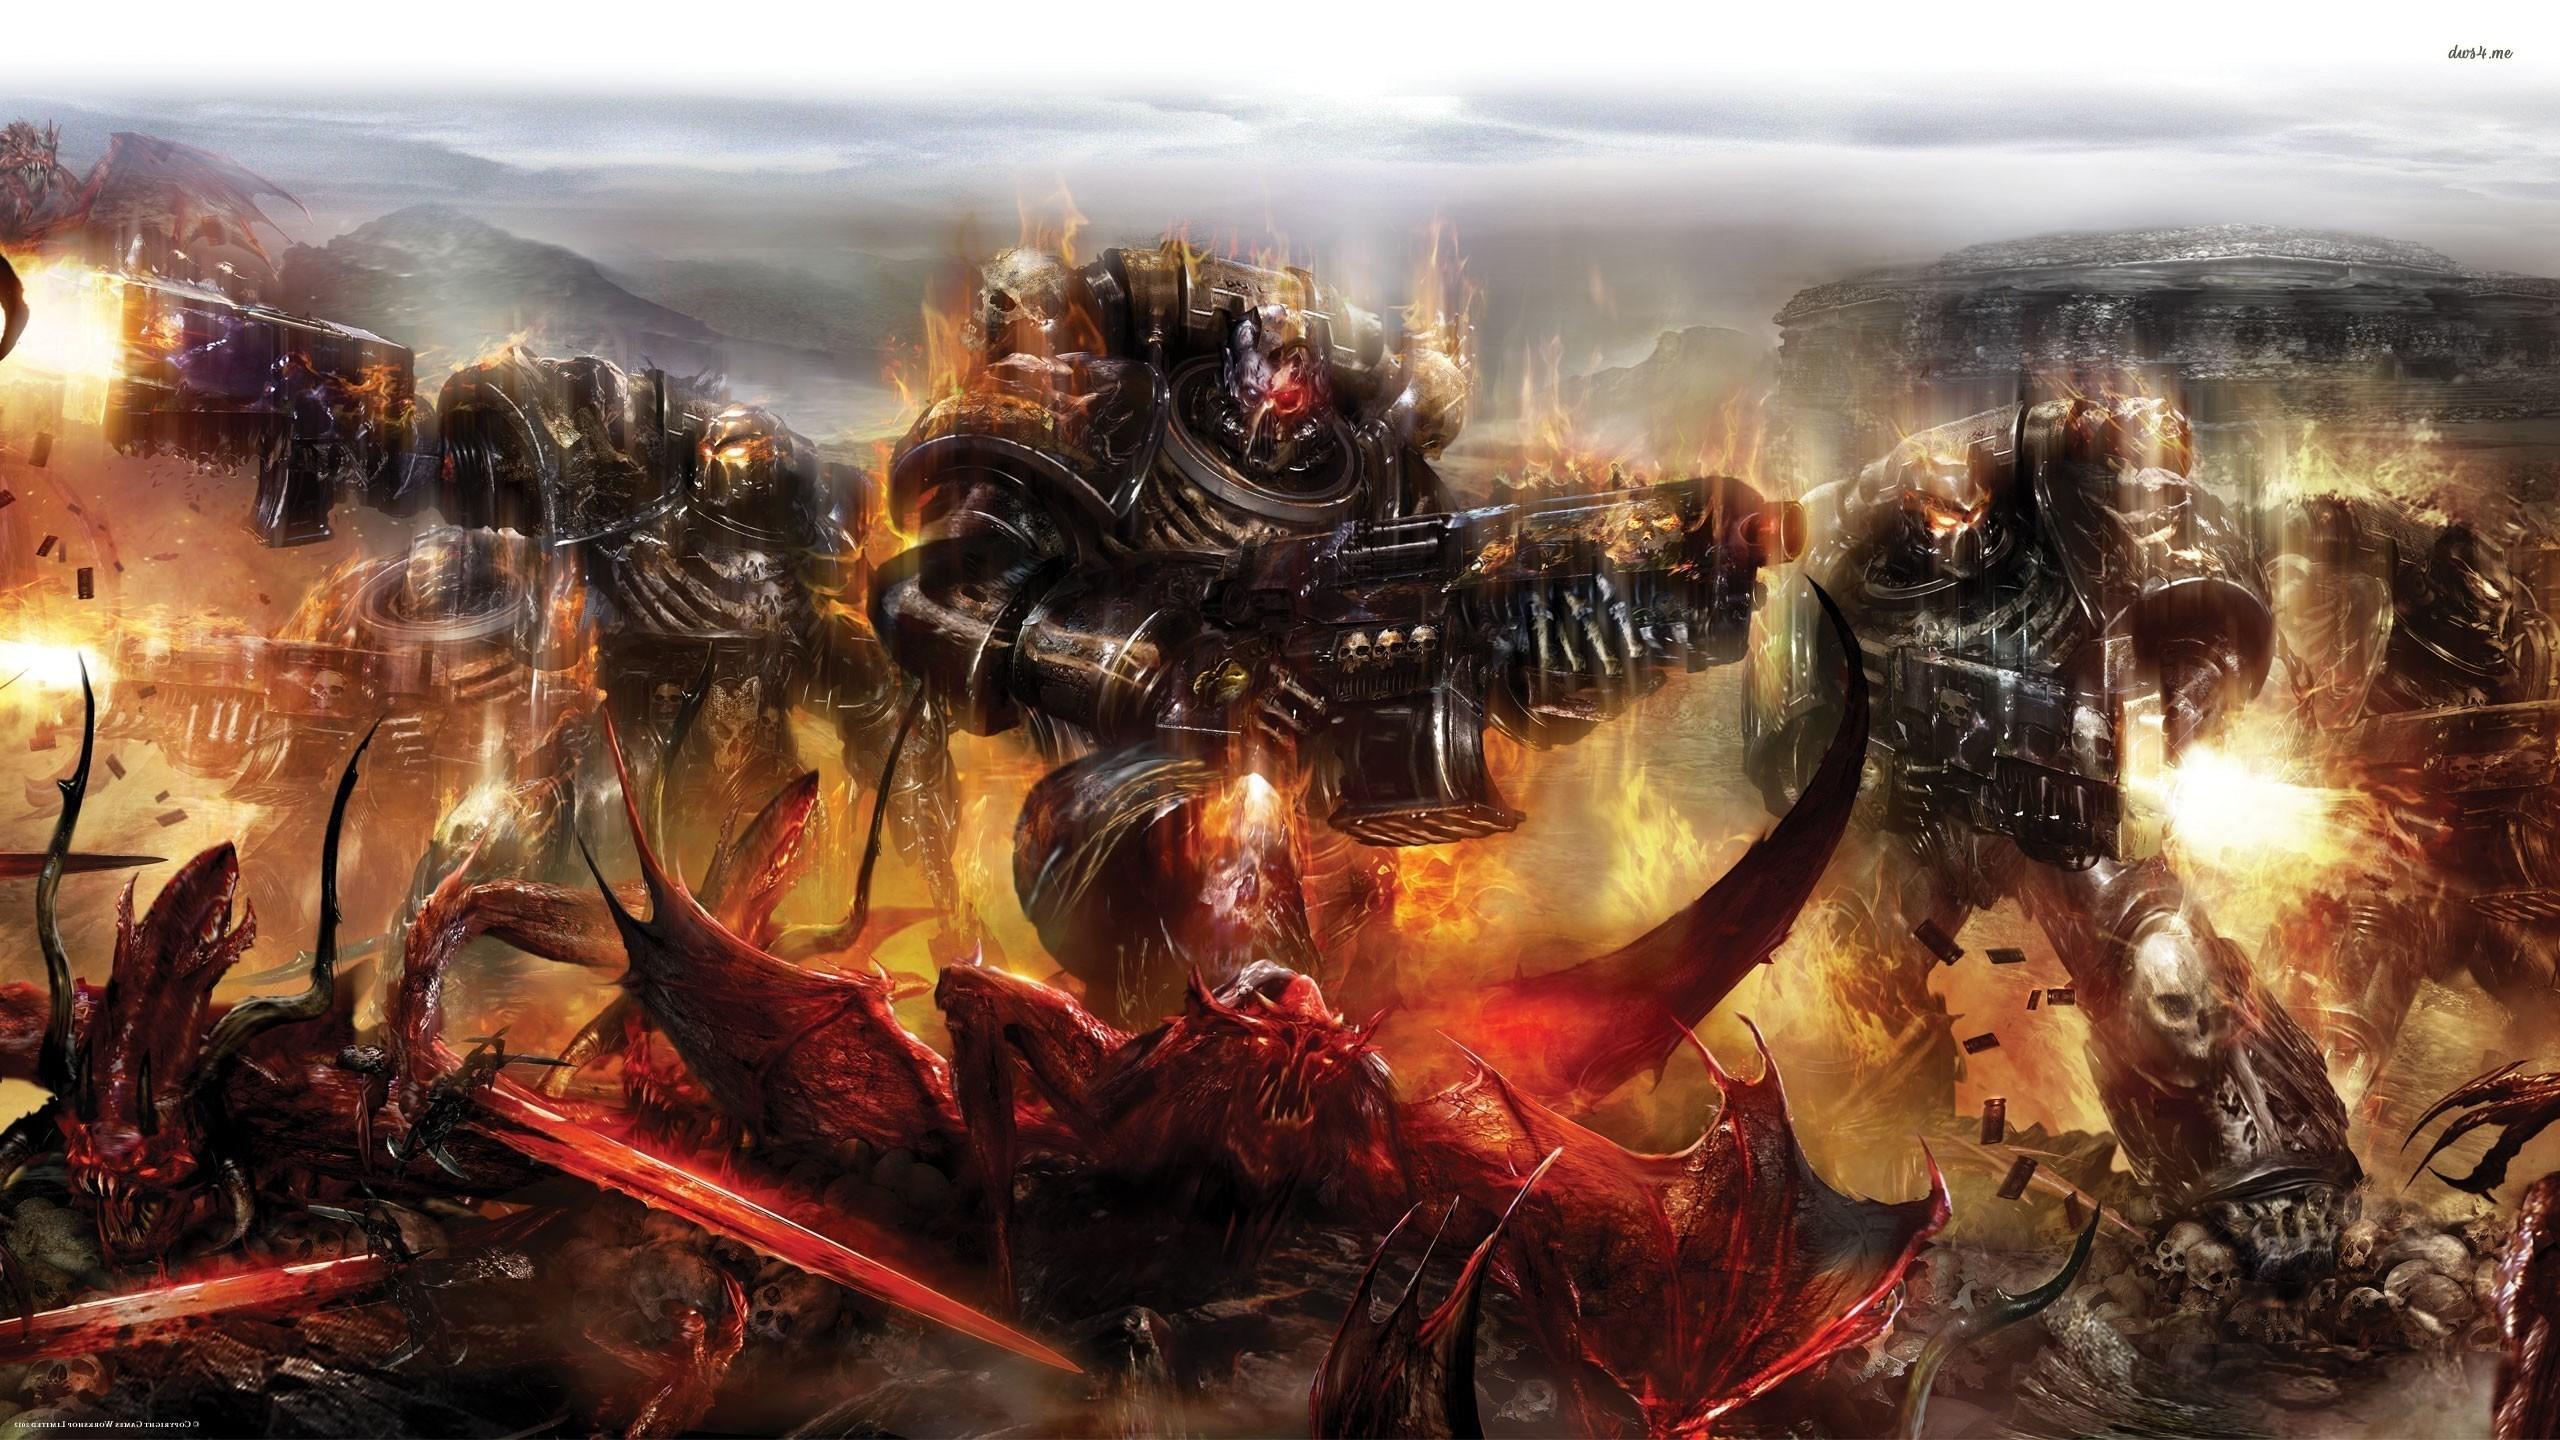 warhammer desktop backgrounds wallpaper – warhammer category